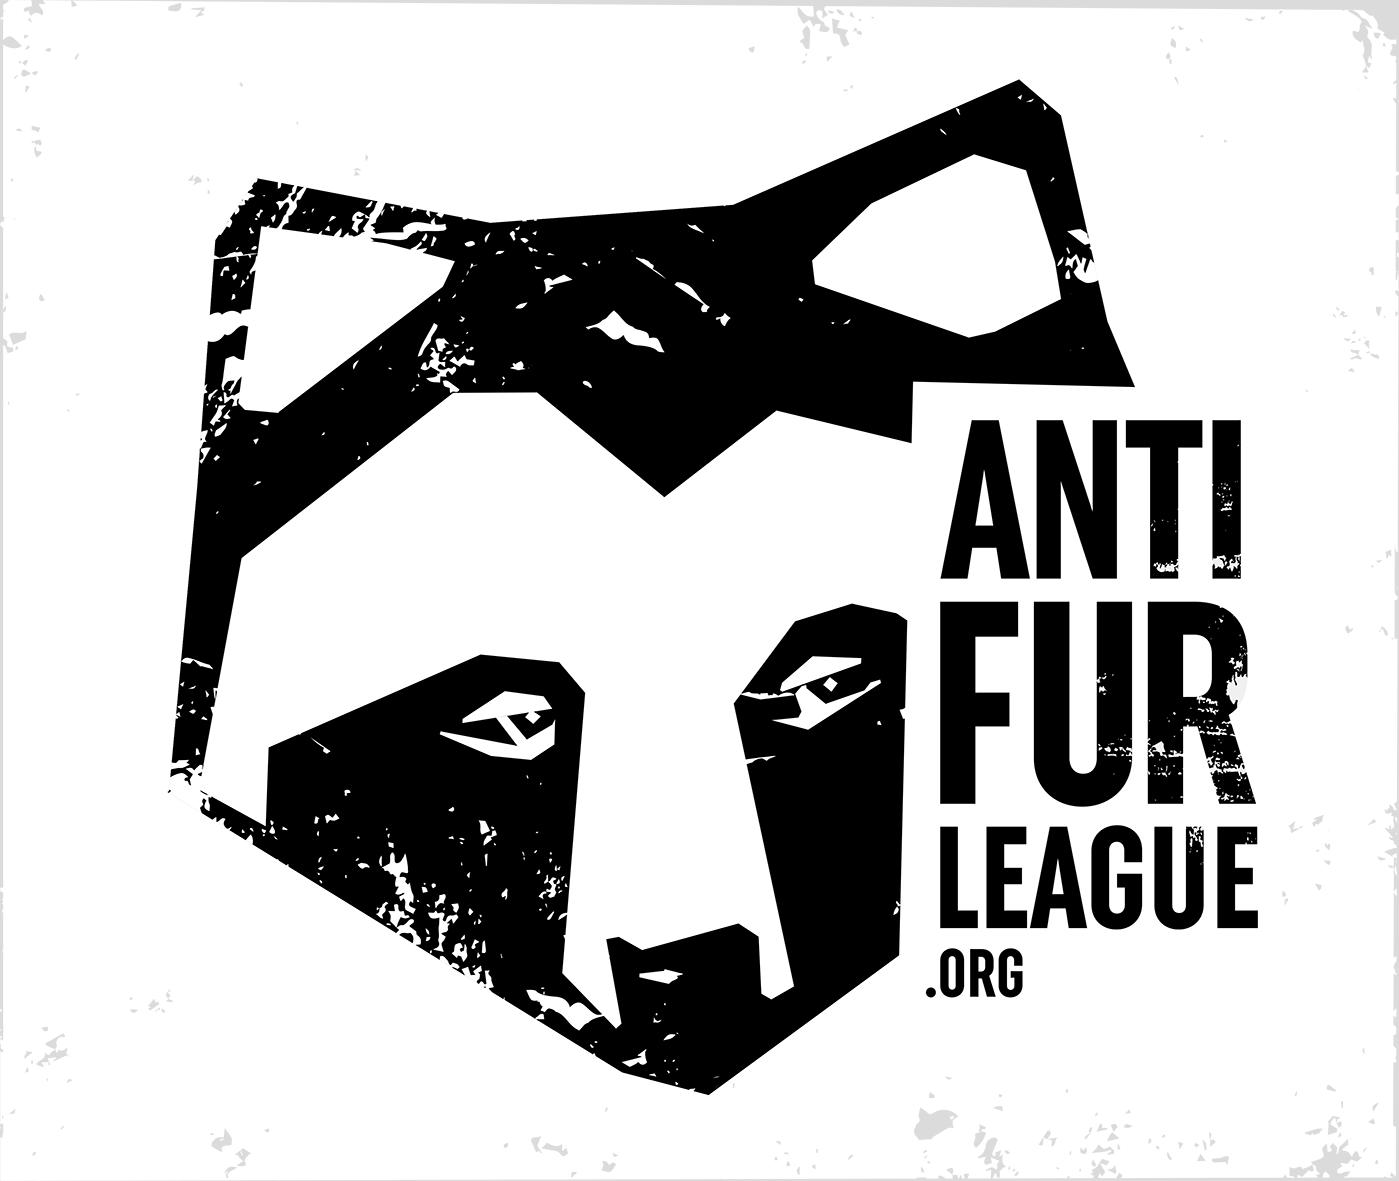 Die Neuen Anti Pelz Sticker Sind Da Lasst Uns Die Stadt